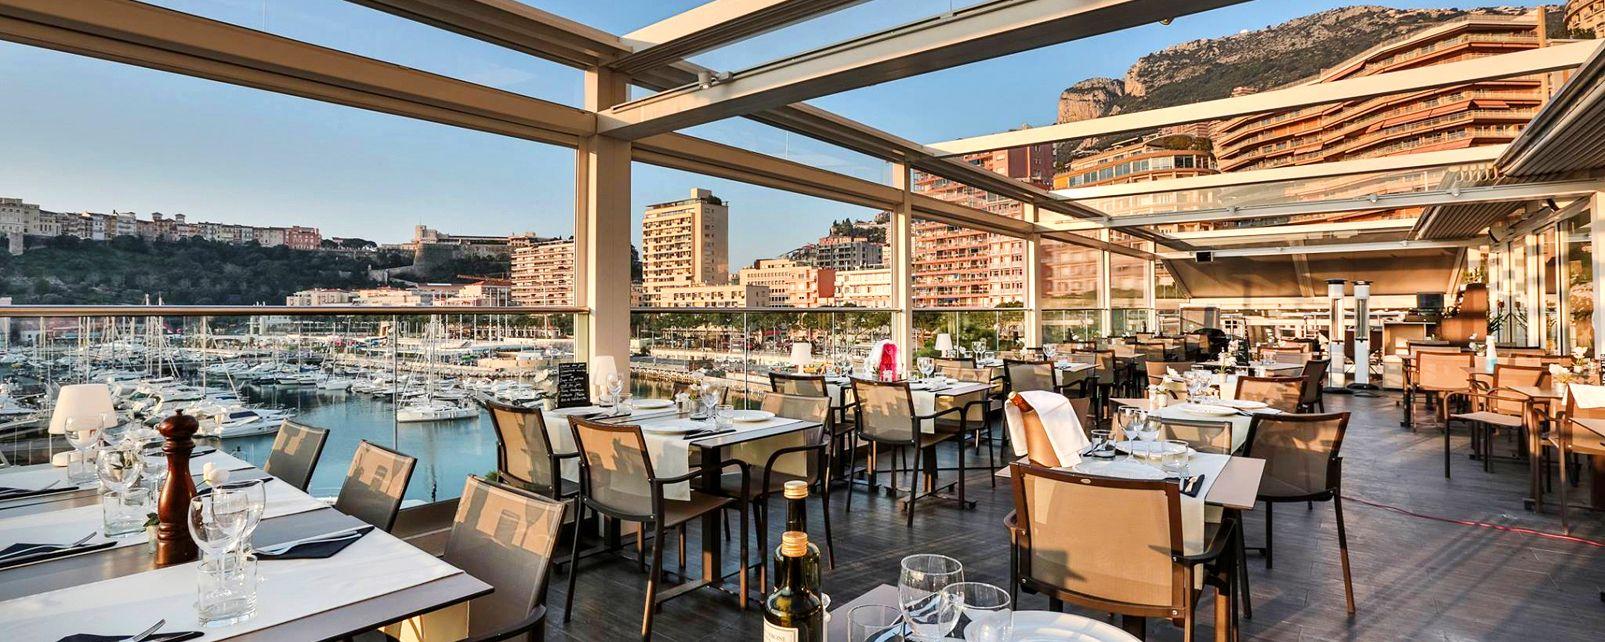 Ресторан отеля Miramar